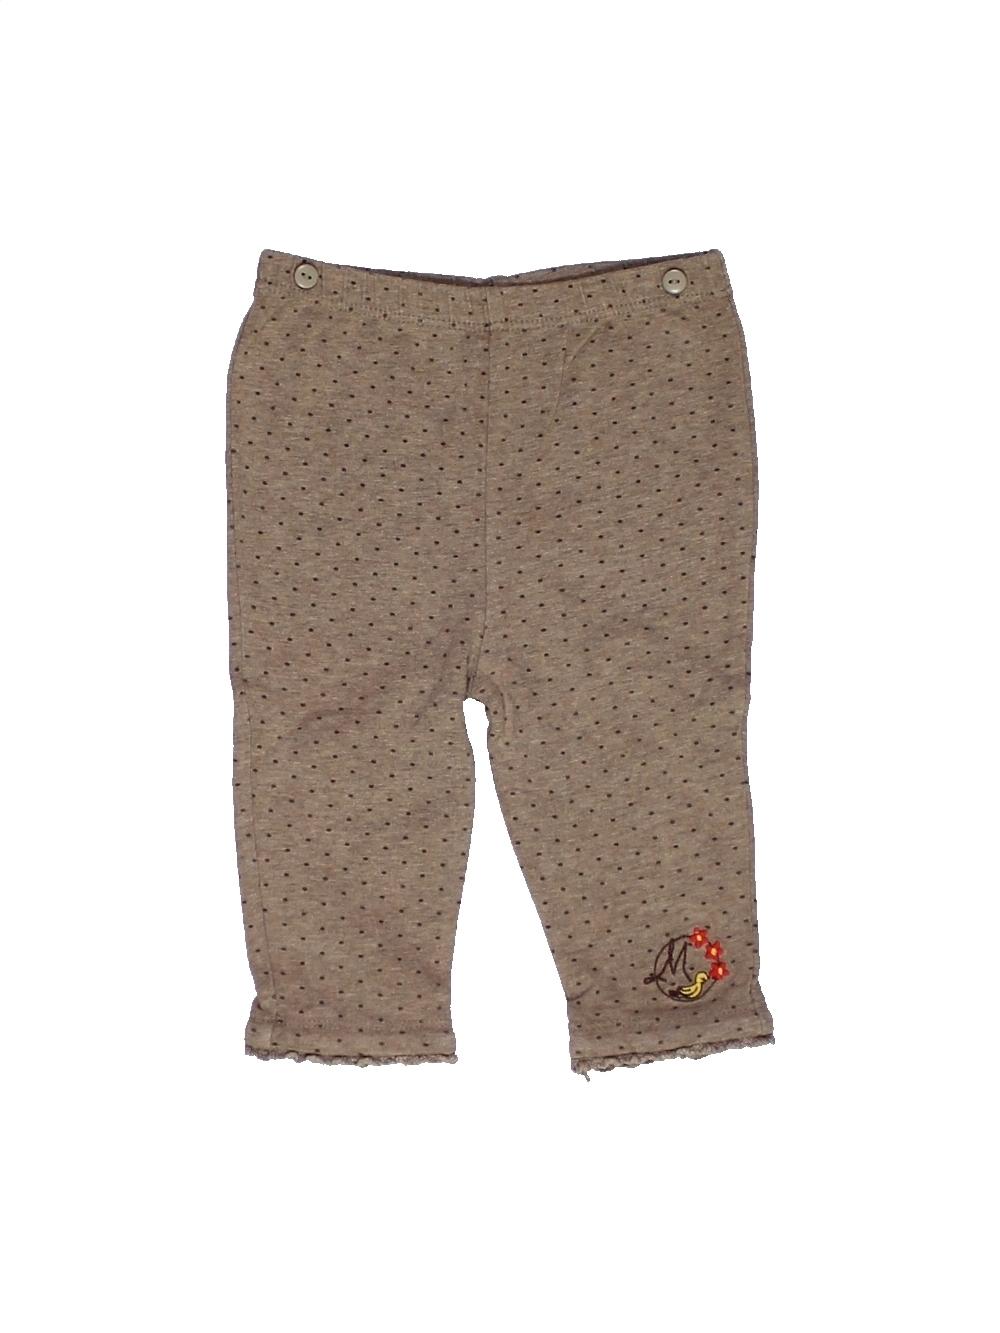 Legging-bebe-fille-SERGENT-MAJOR-6-mois-marron-ete-vetement-bebe-10801